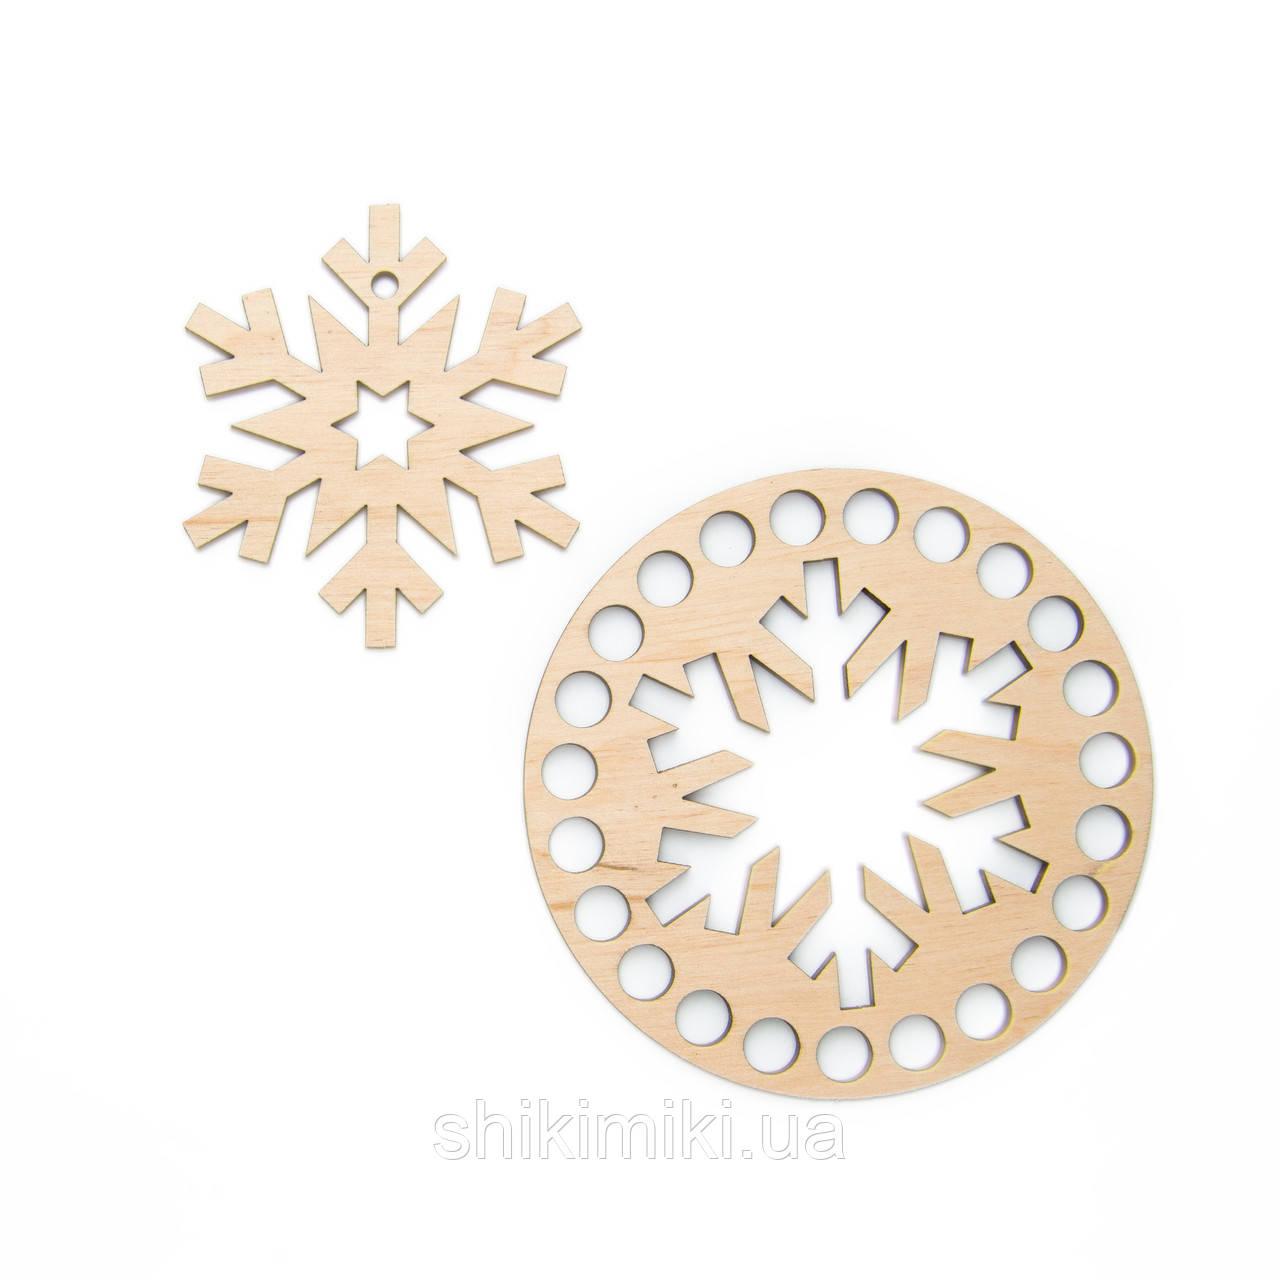 Заготовка из фанеры ажурная круглая Снежинка -трансформер 2 (10 см)